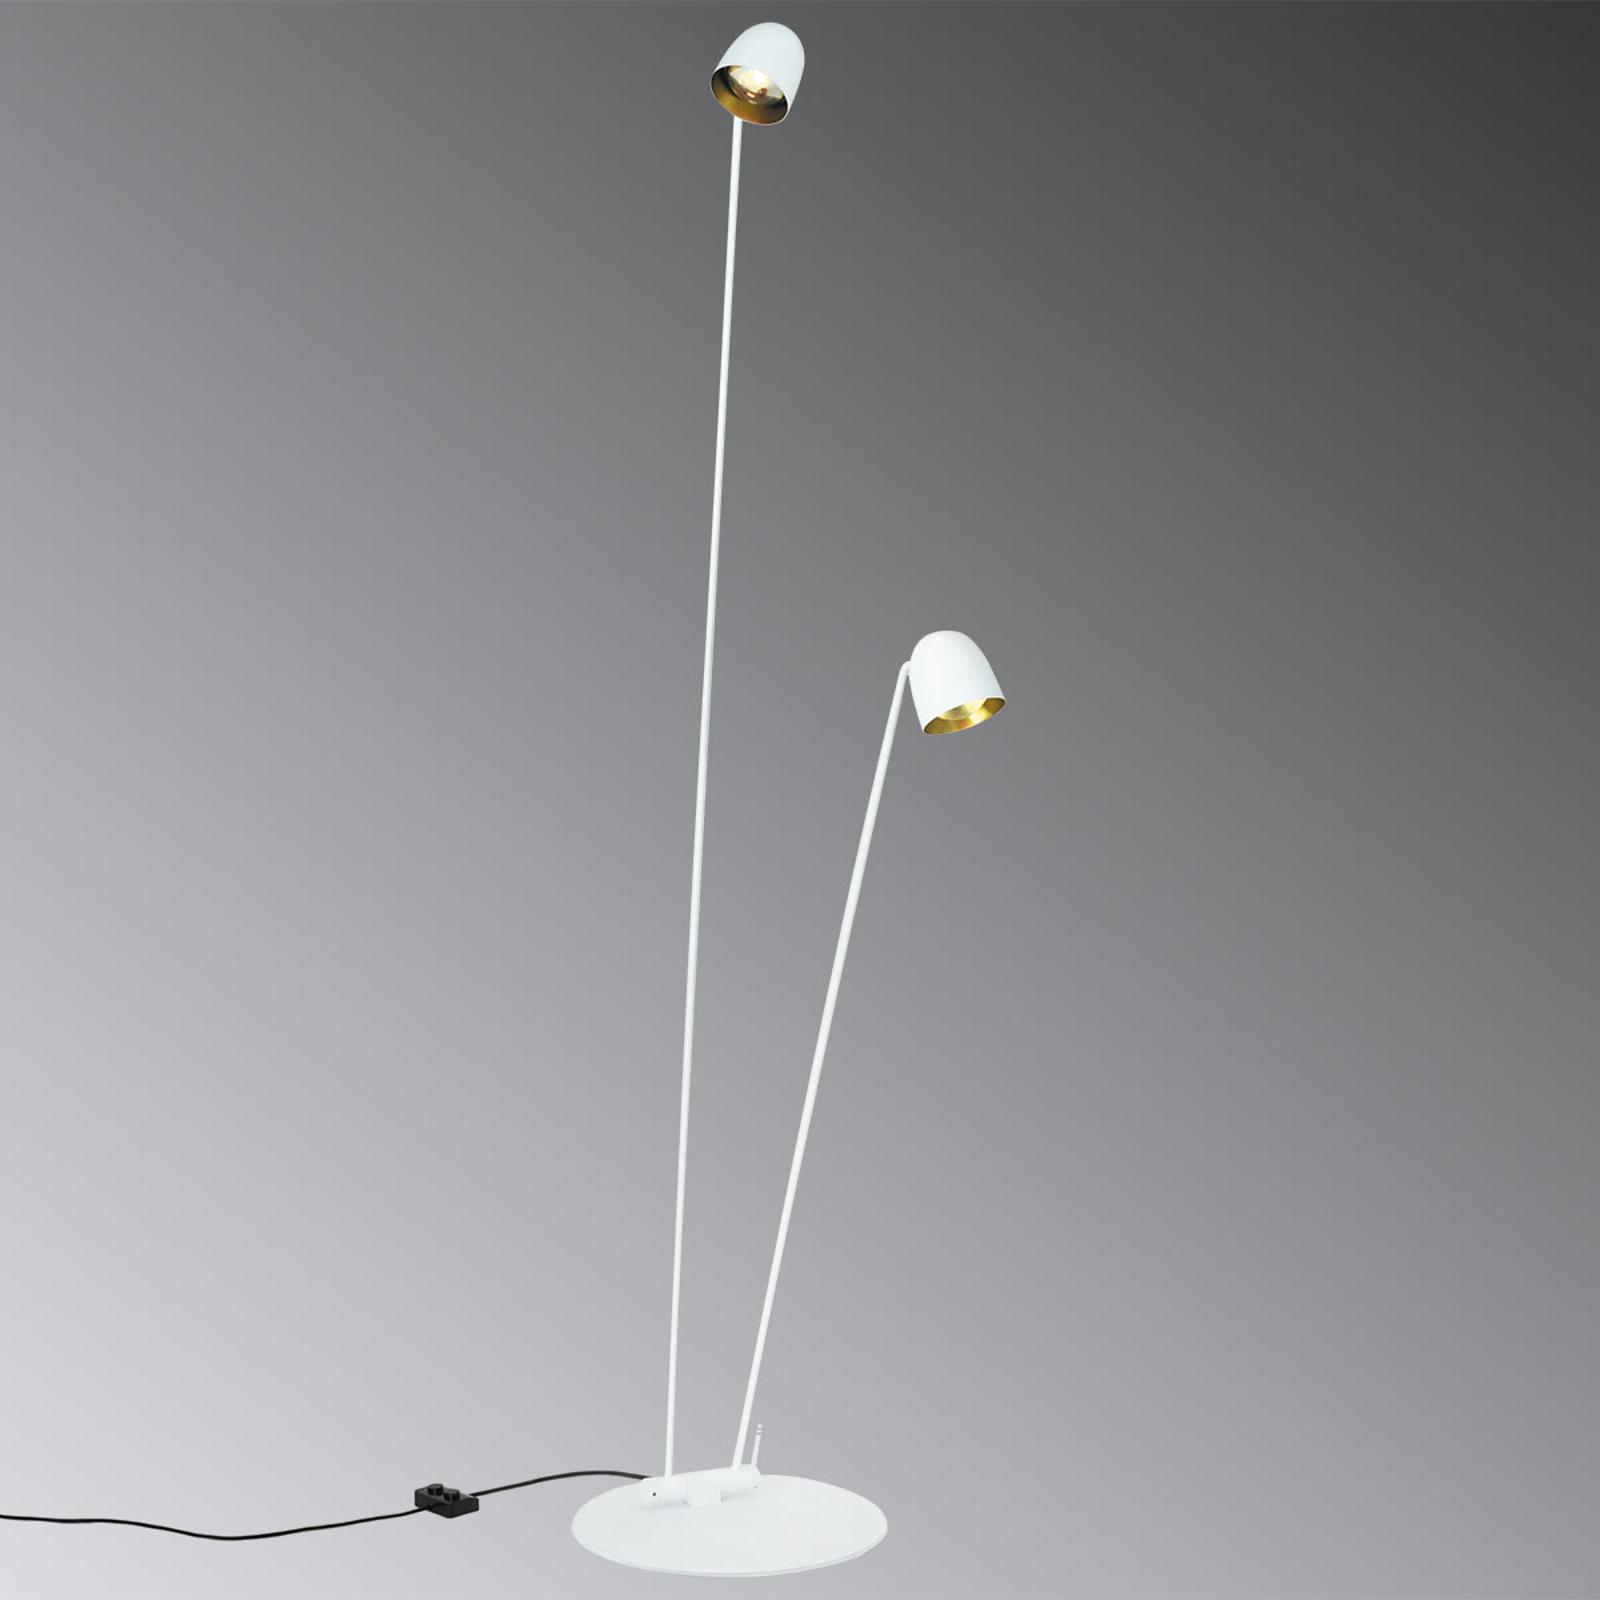 Flexibel ausrichtbare LED-Stehlampe Speers F weiß